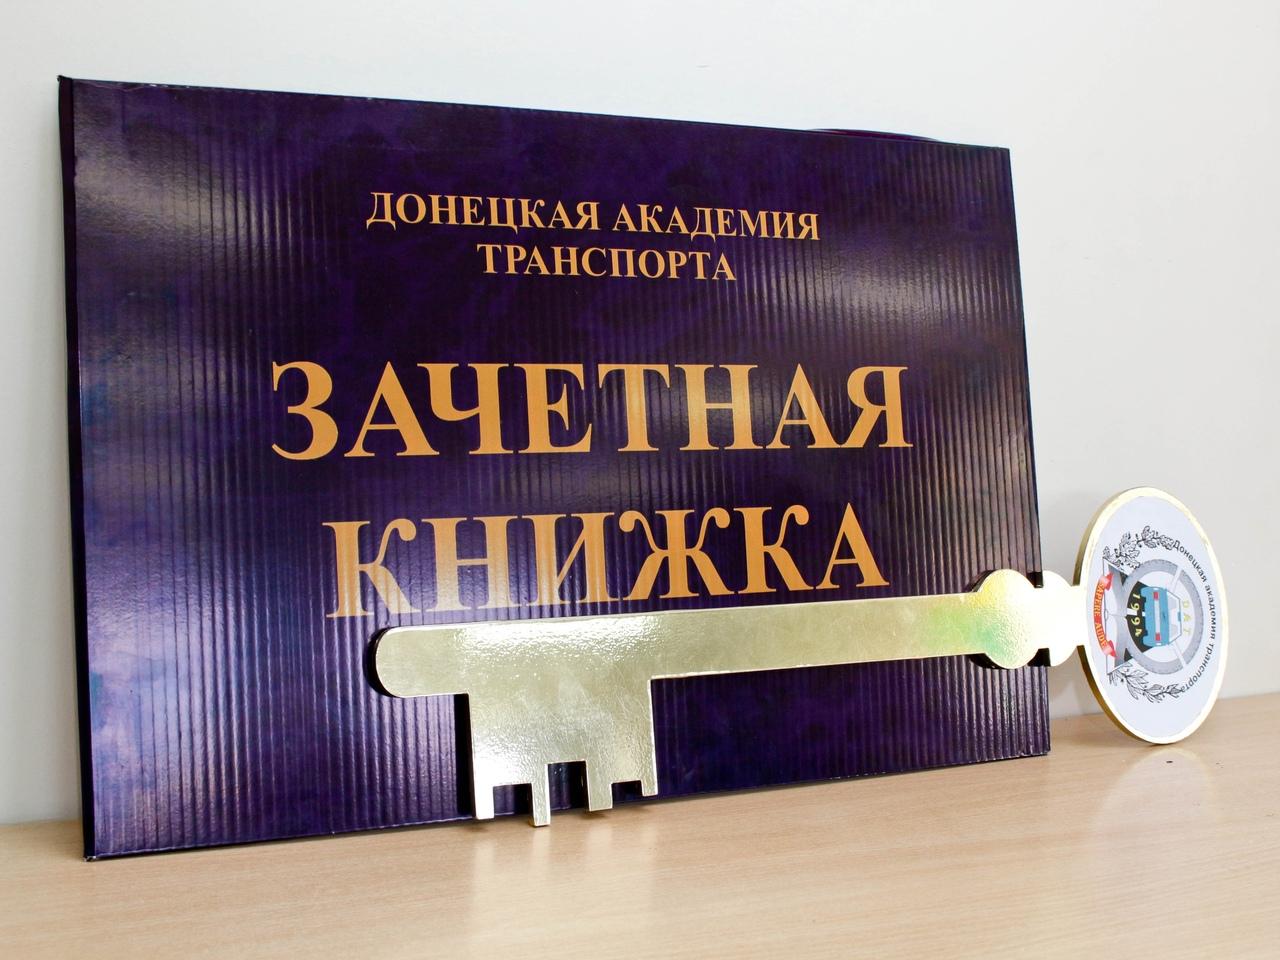 В Донецкой академии транспорта прошла церемония посвящения в студенты первокурсников